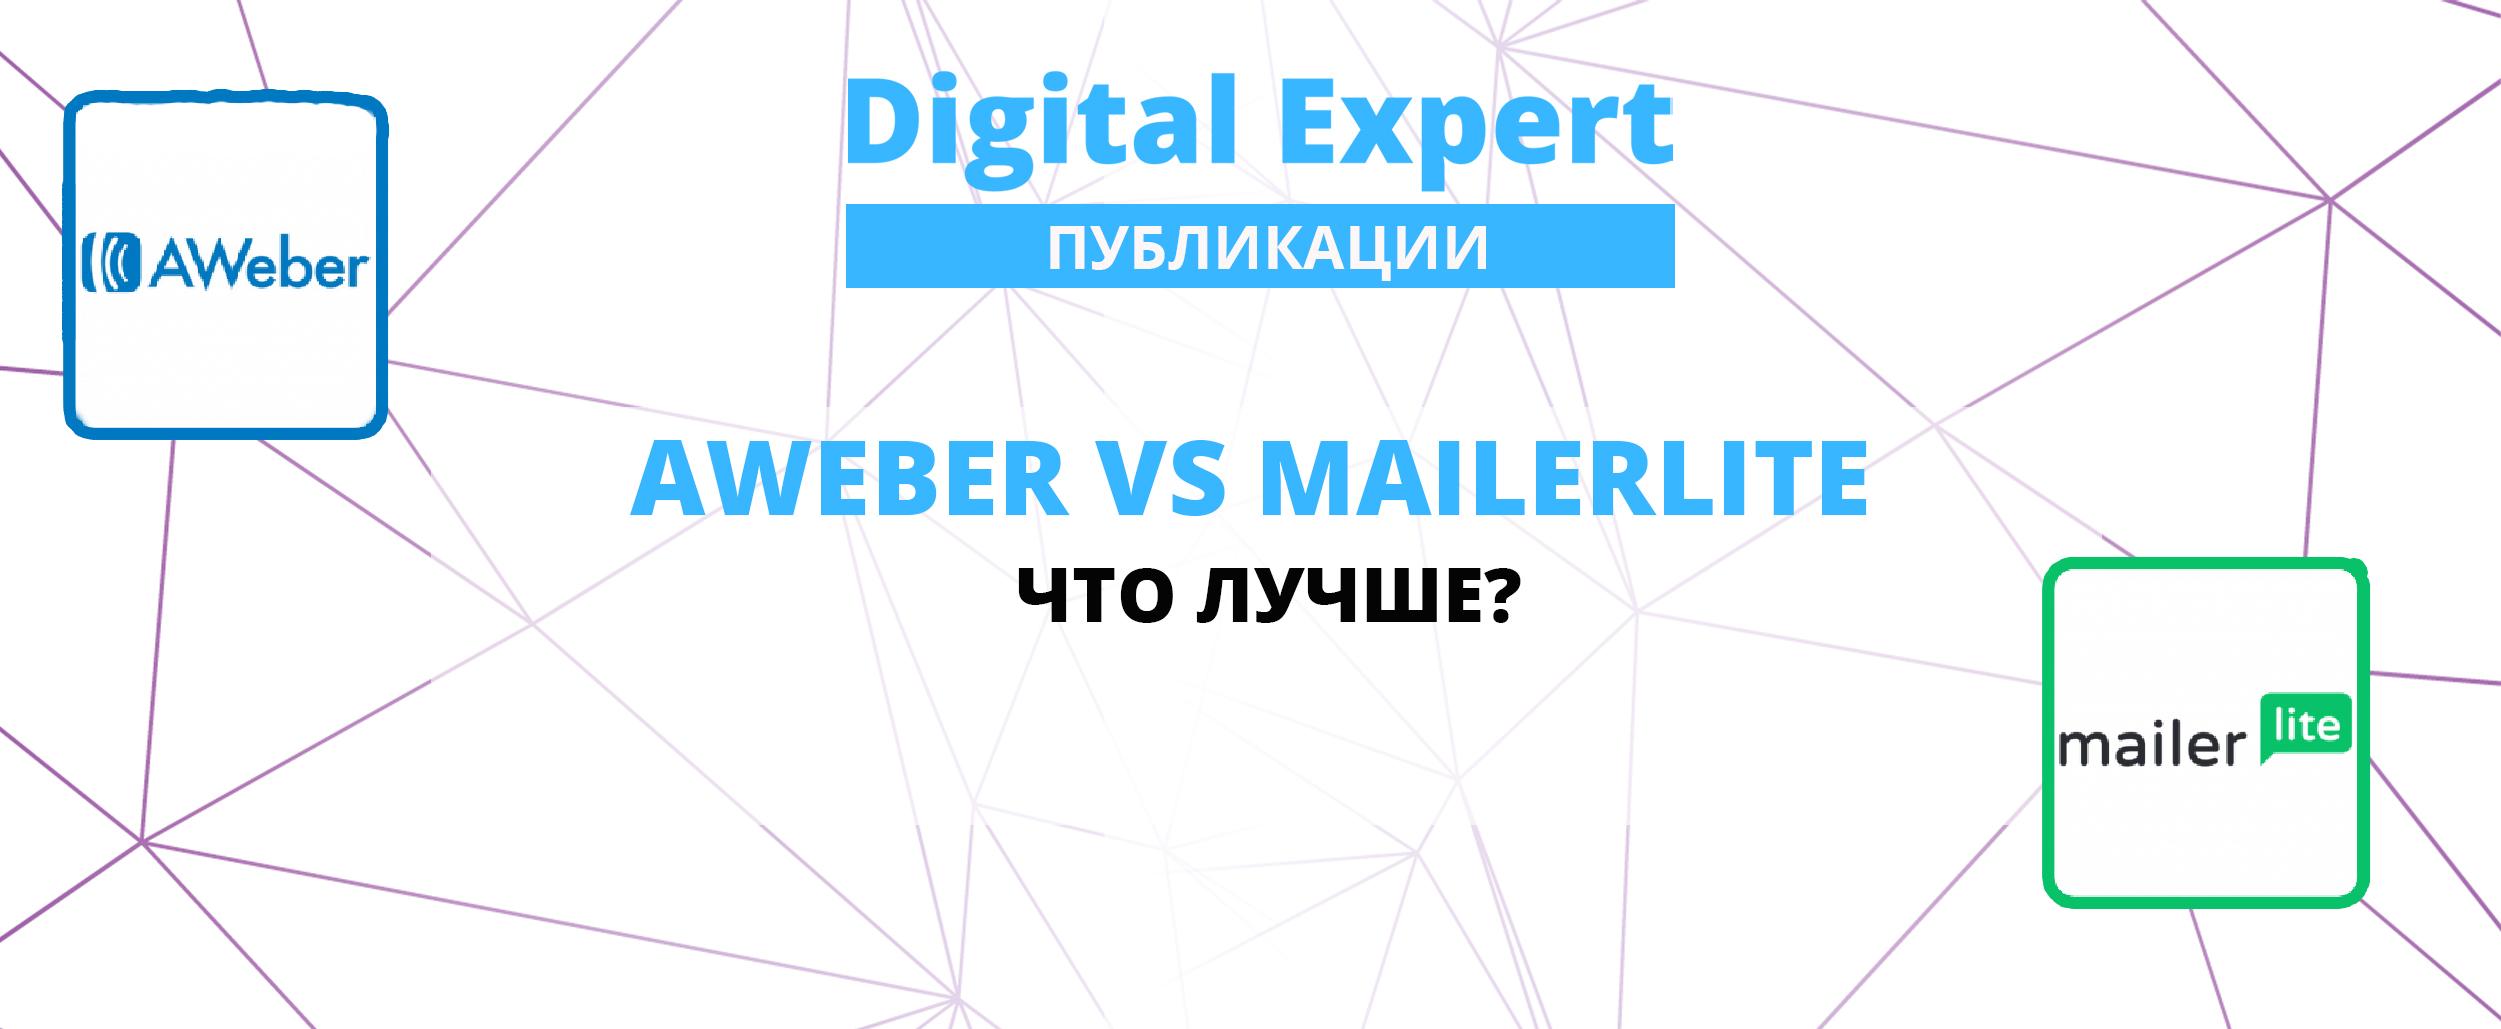 AWeber vs MailerLite: какой сервис стоит выбрать для маркетинга?